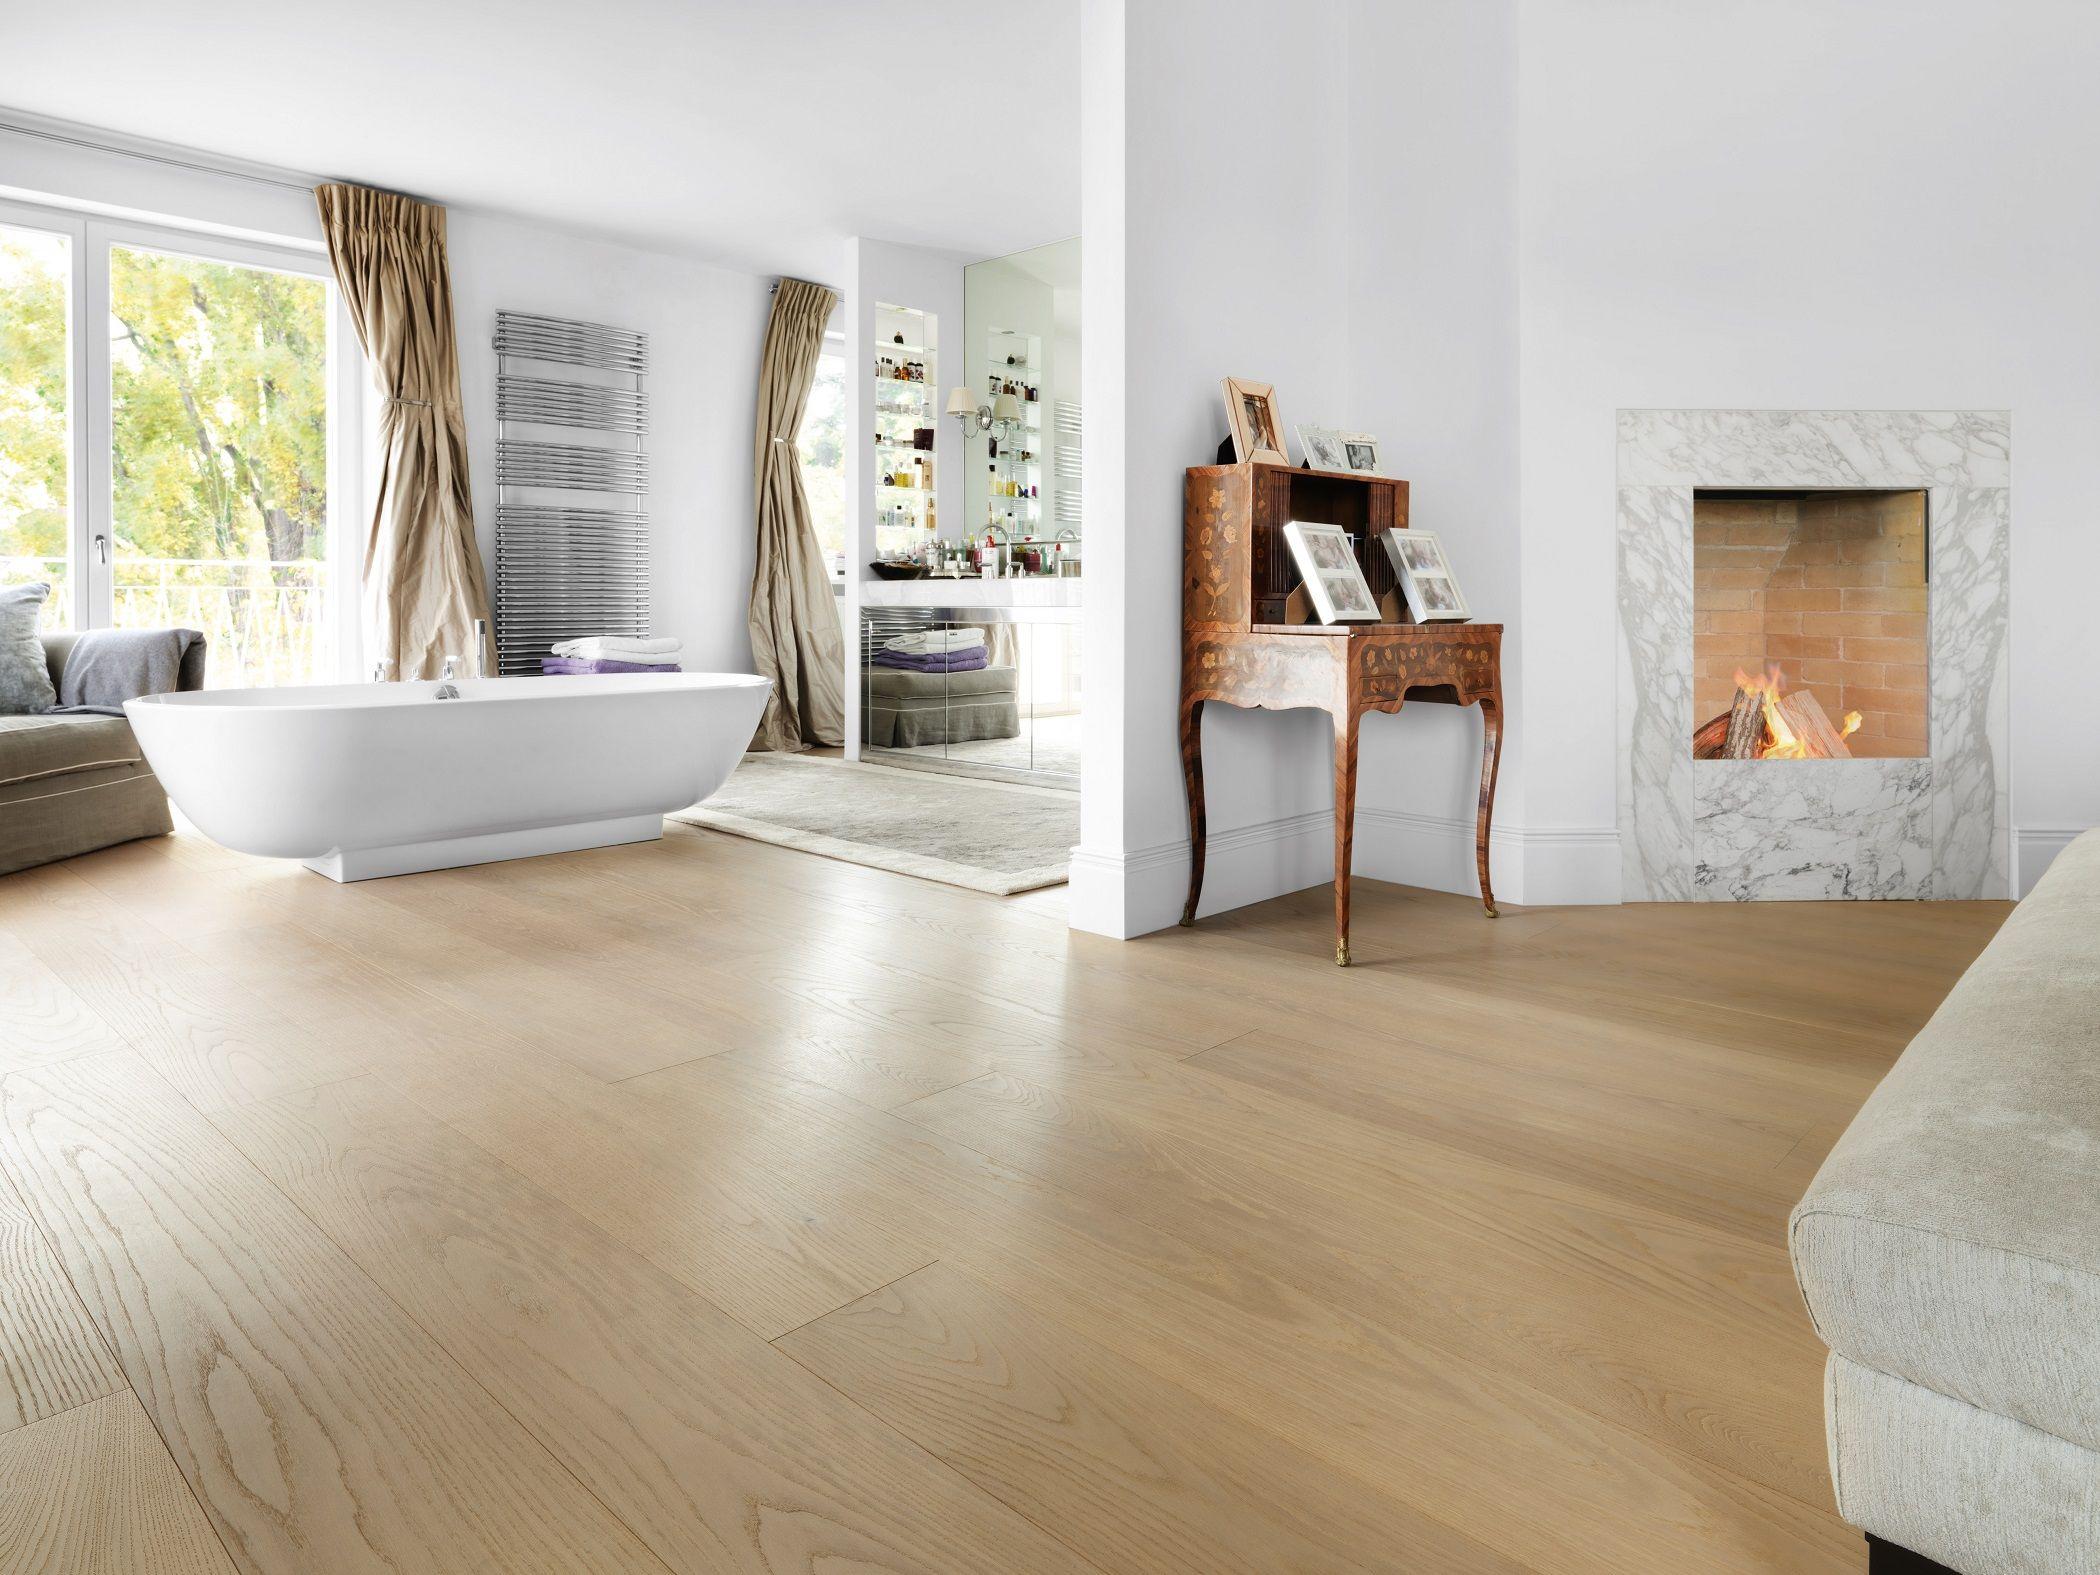 OAK Clear Wide-Plank, brushed, white oil I Bathroom I natural wood floors I mafi.com